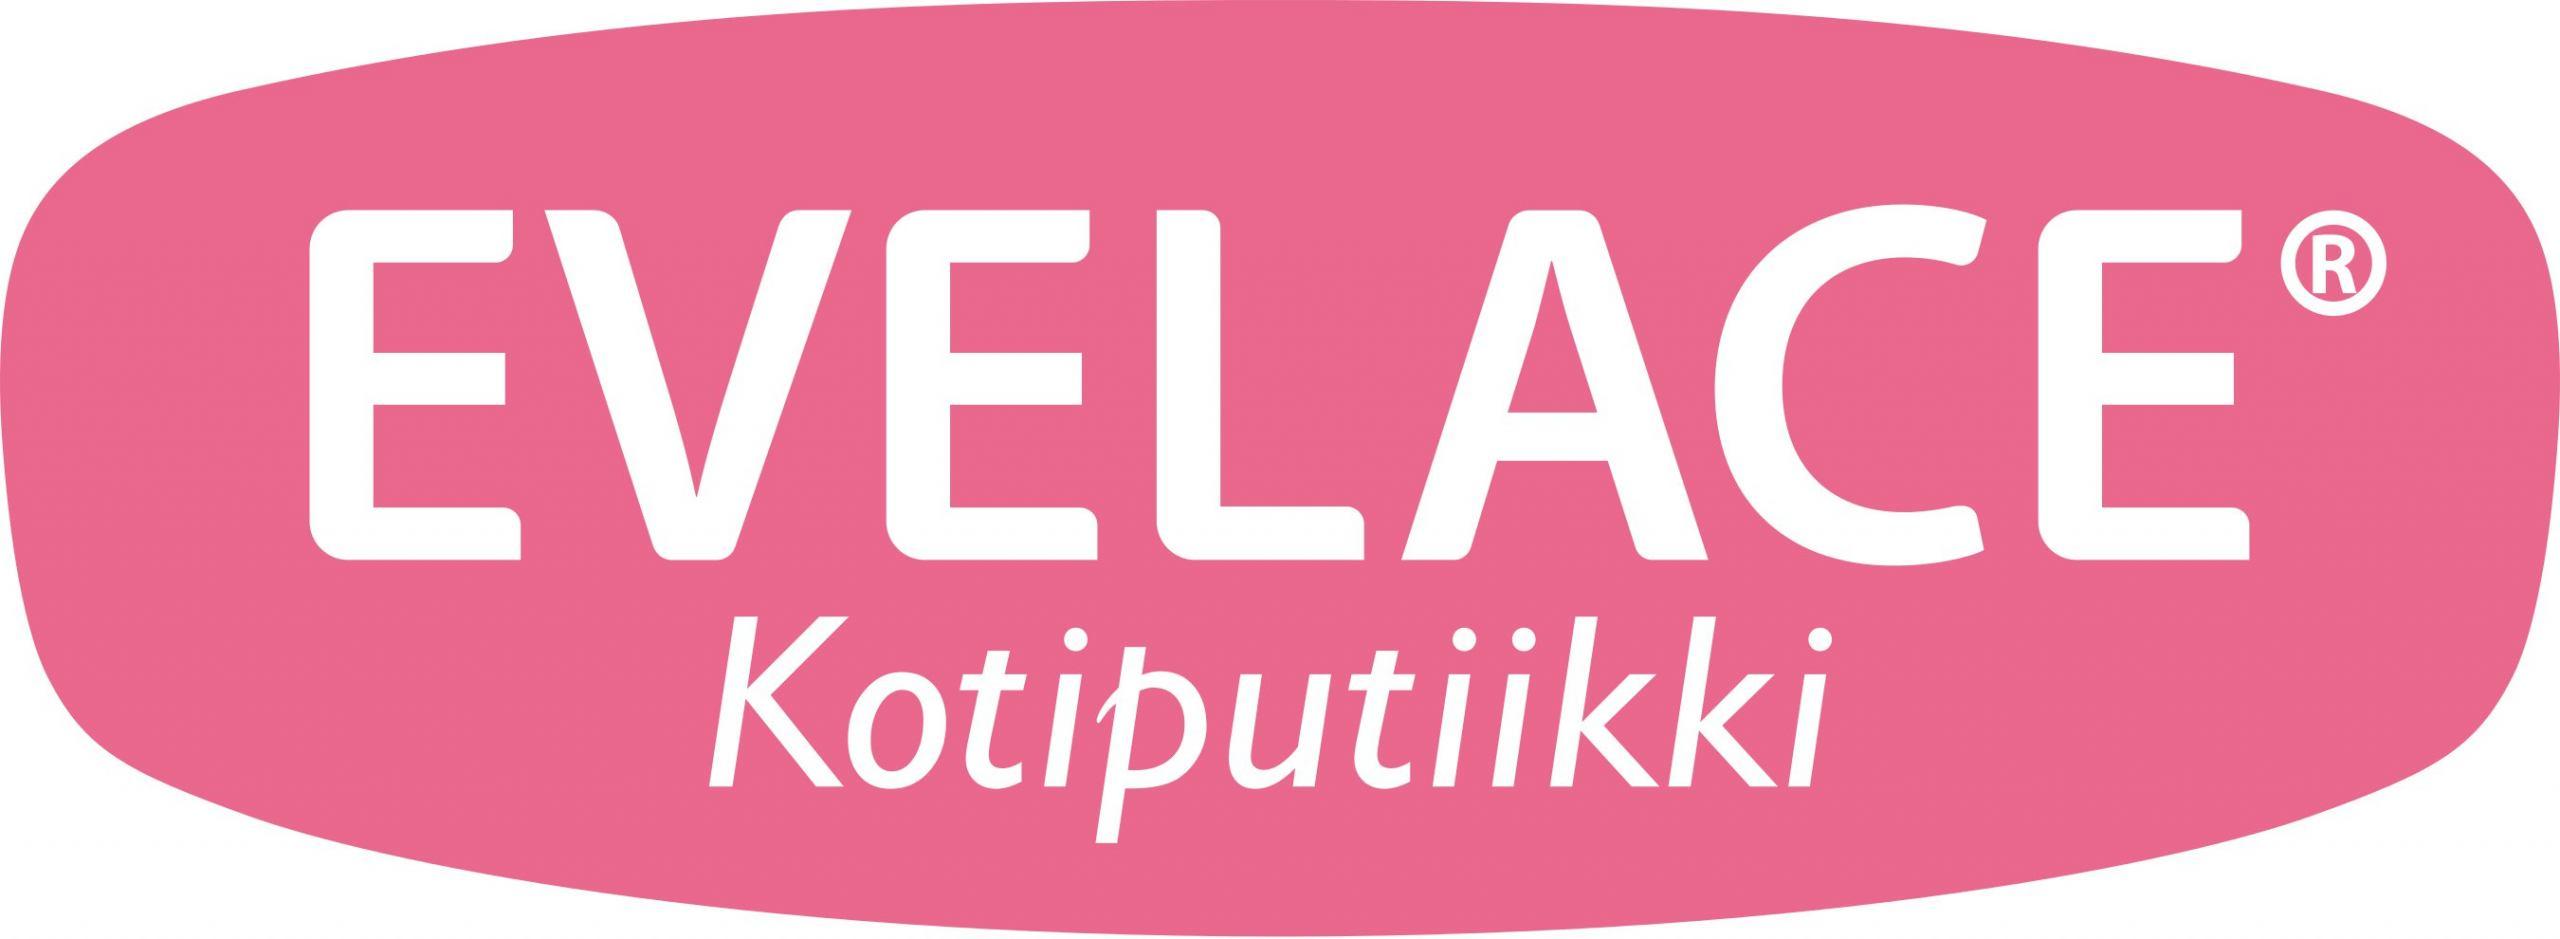 Evelace-Kotiputiikki-Teija-Lehtinen